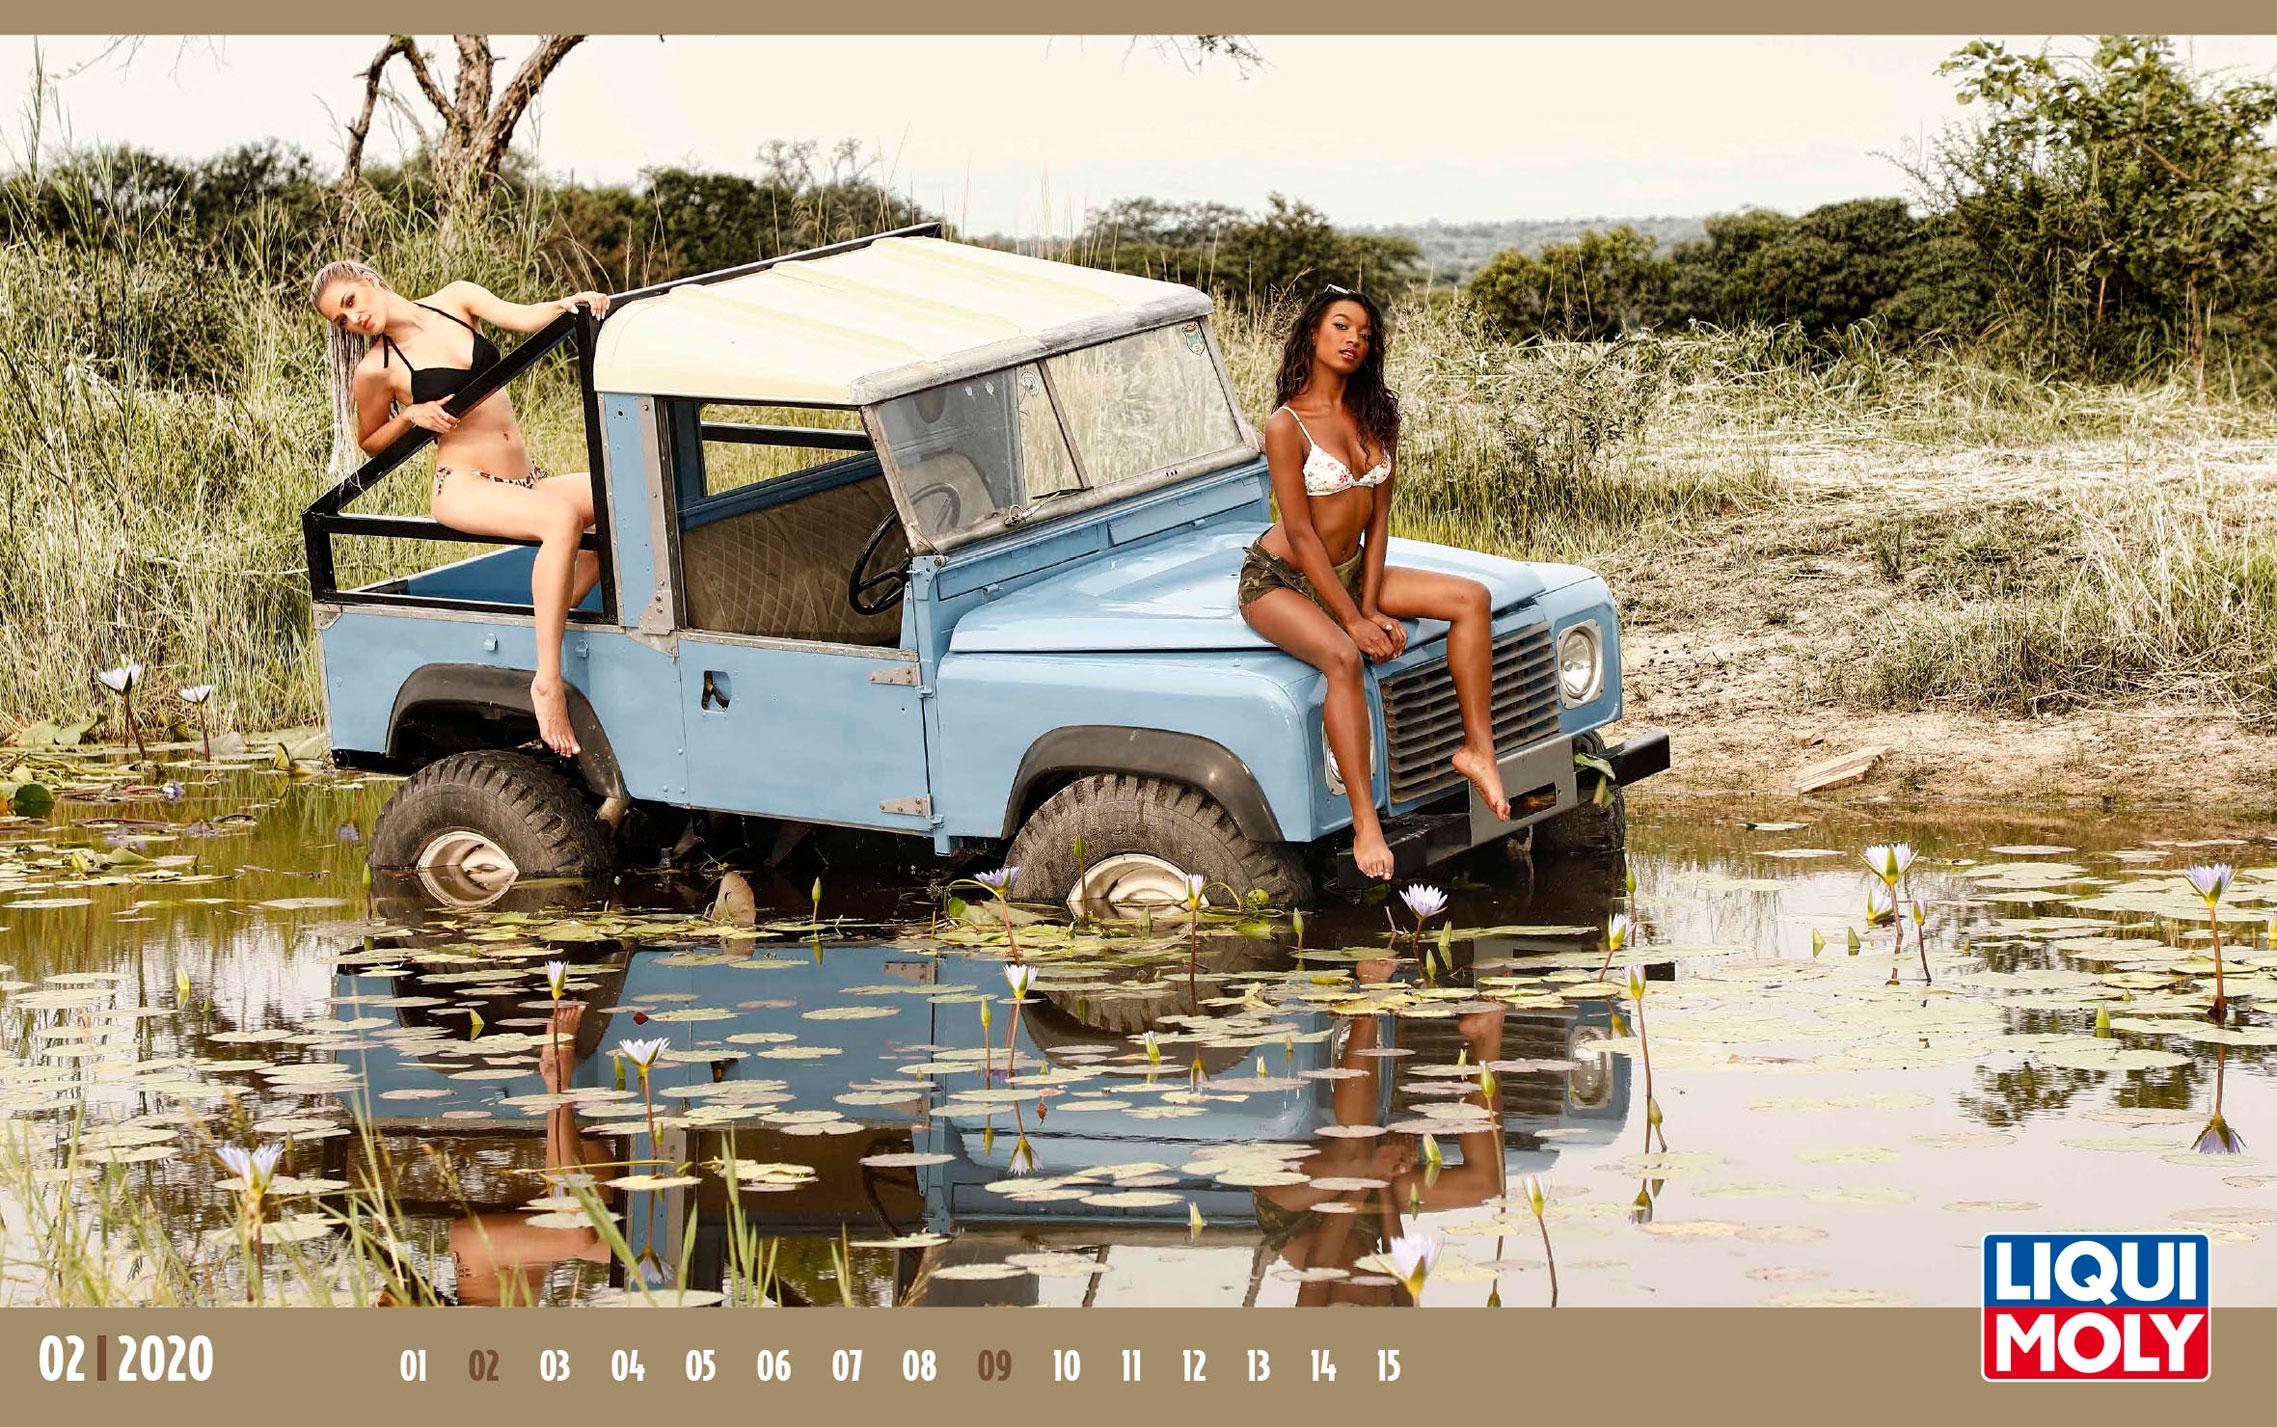 Календарь с девушками автоконцерна Liqui Moly, 2020 год / февраль-1